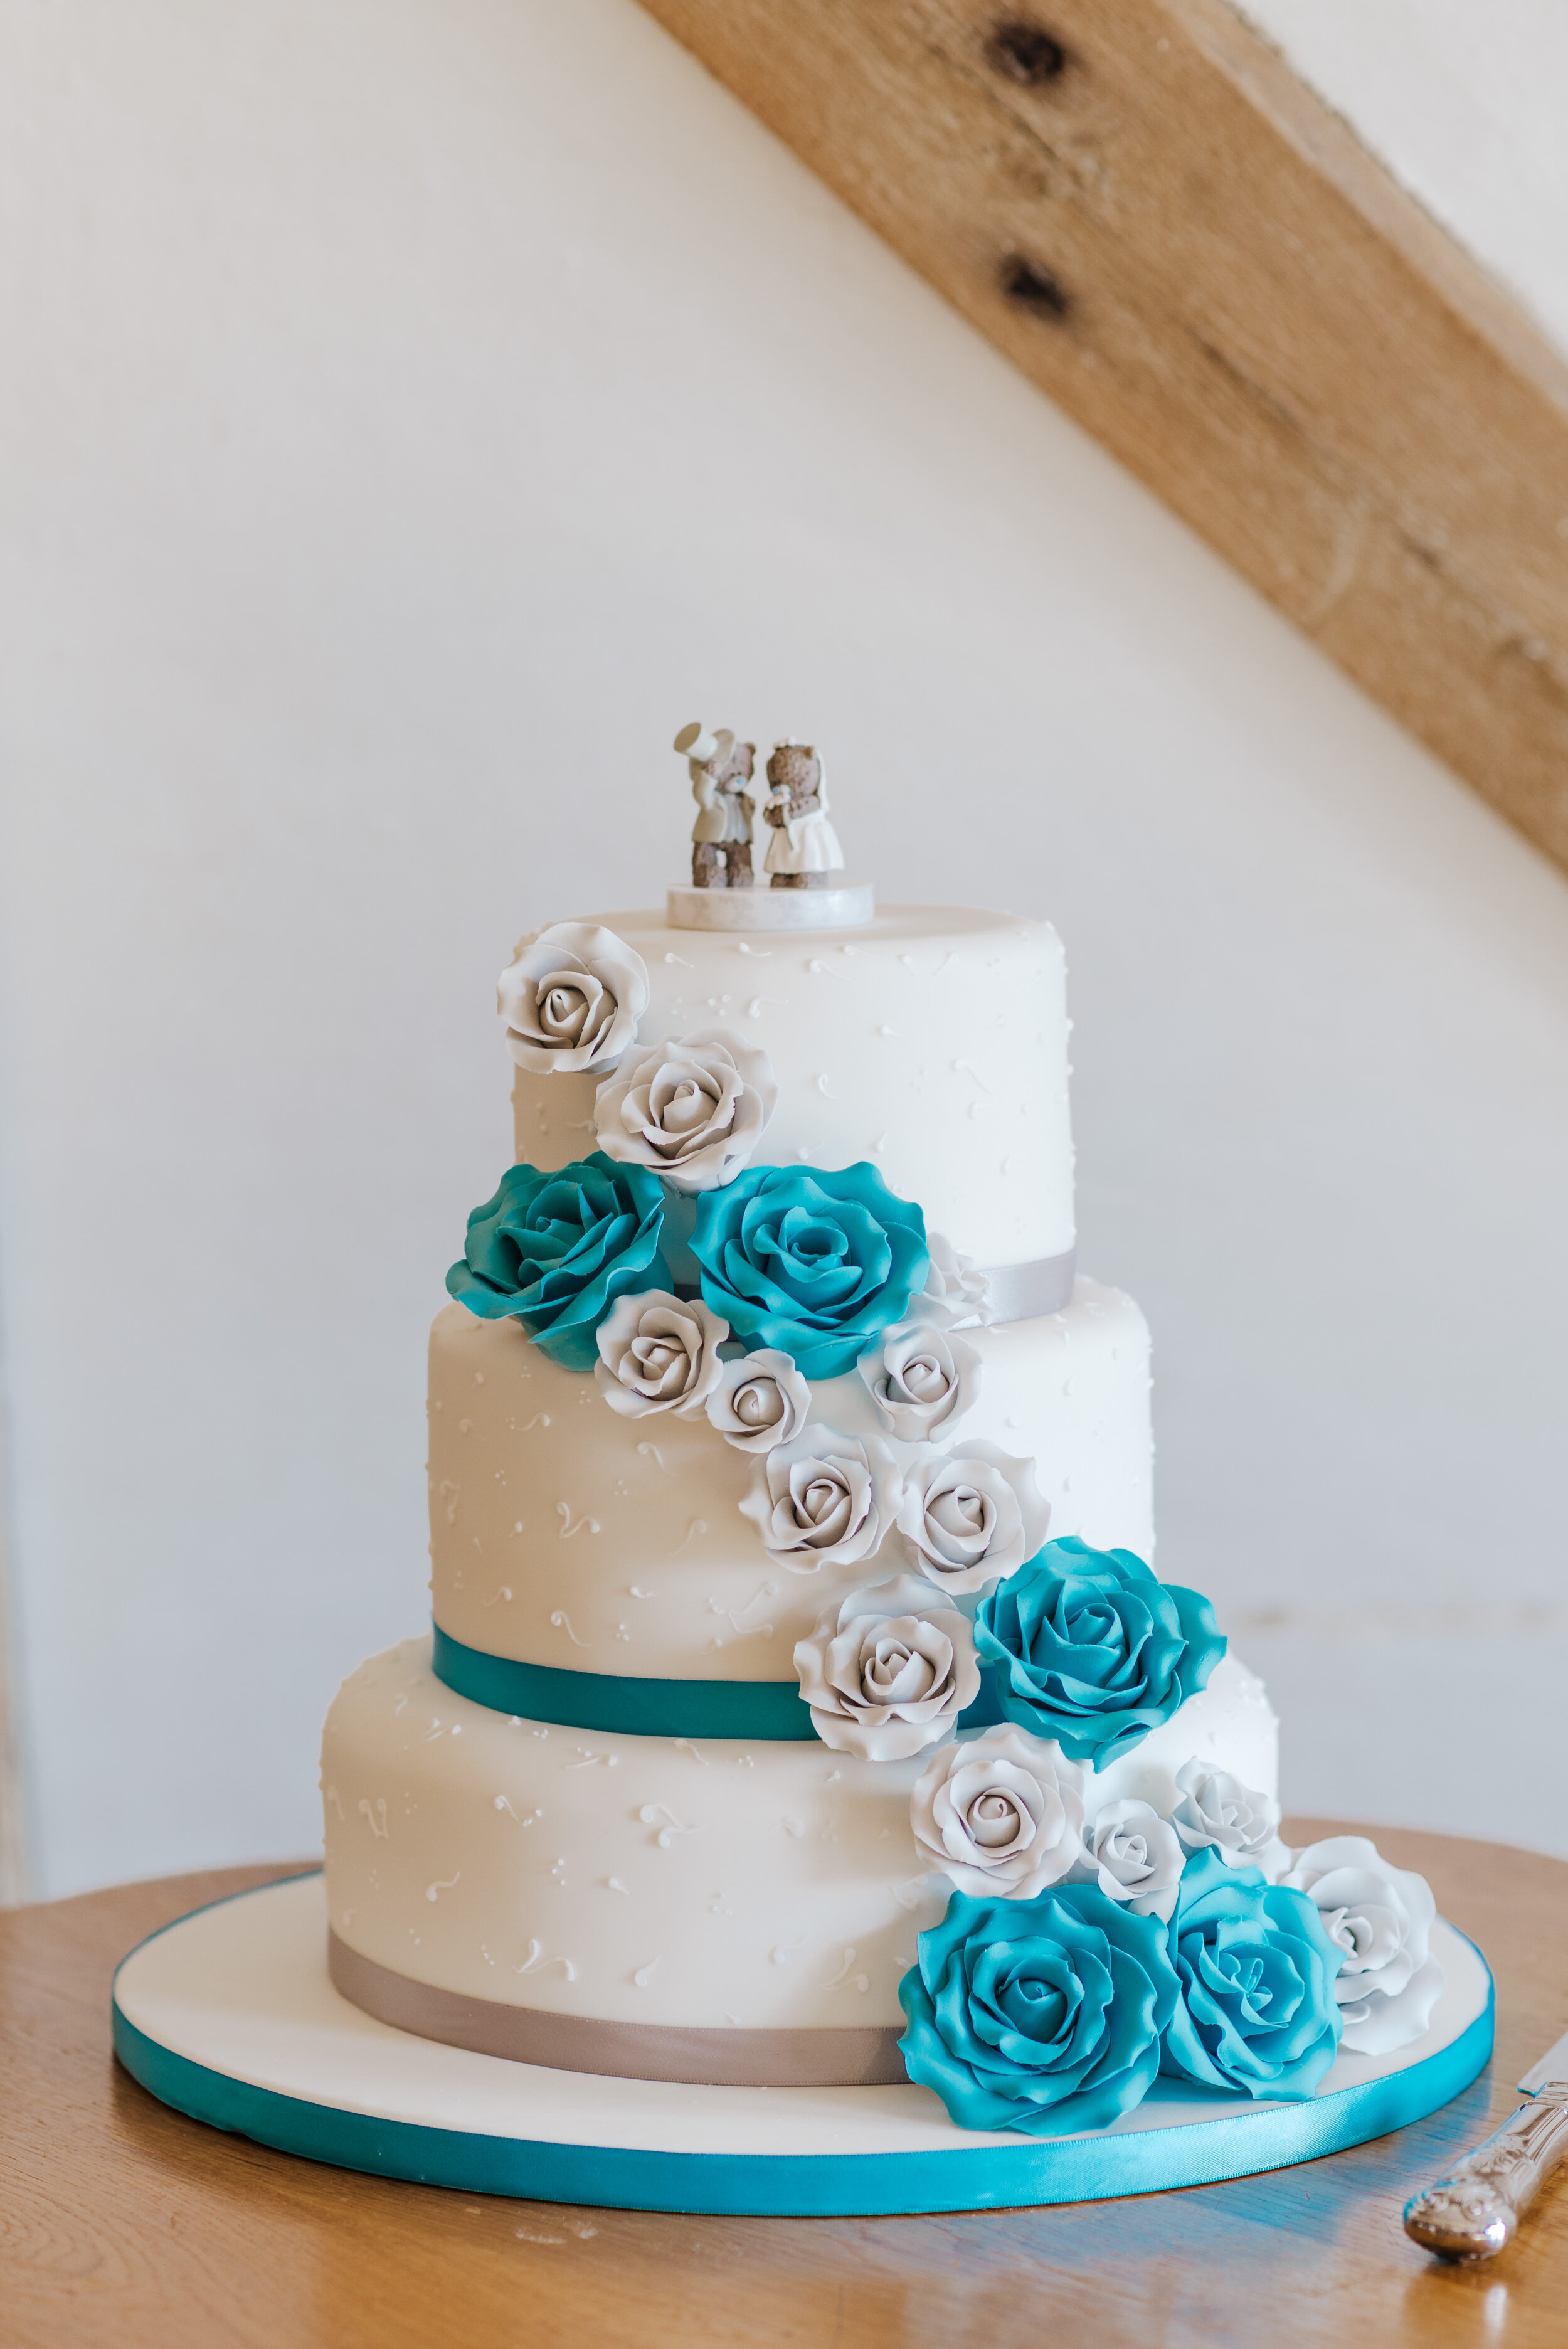 SUFFOLK_WEDDING_PHOTOGRAPHY_ISAACS_WEDDING_VENUE_WEDDINGPHOTOGRAPHERNEARME_iPSWICHWEDDINGPHOTOGRAPHER (76).jpg